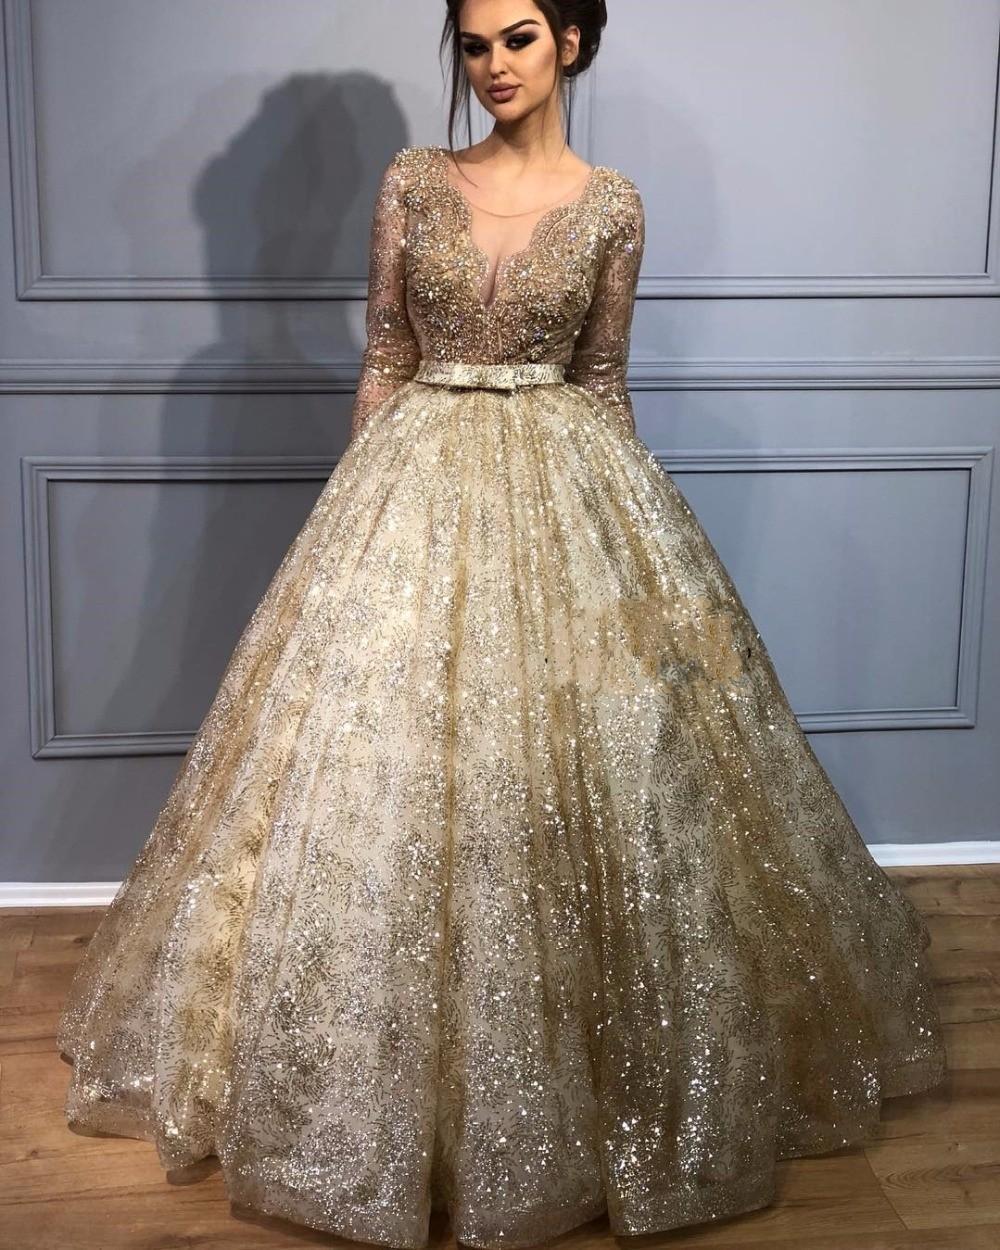 Glaring Sheer Ballkleider 2019 Prom Kleider Illusion Gold Perlen Spitze Schwere Perlen Abendkleider Lange Vestidos de Festa Graduate Kleid